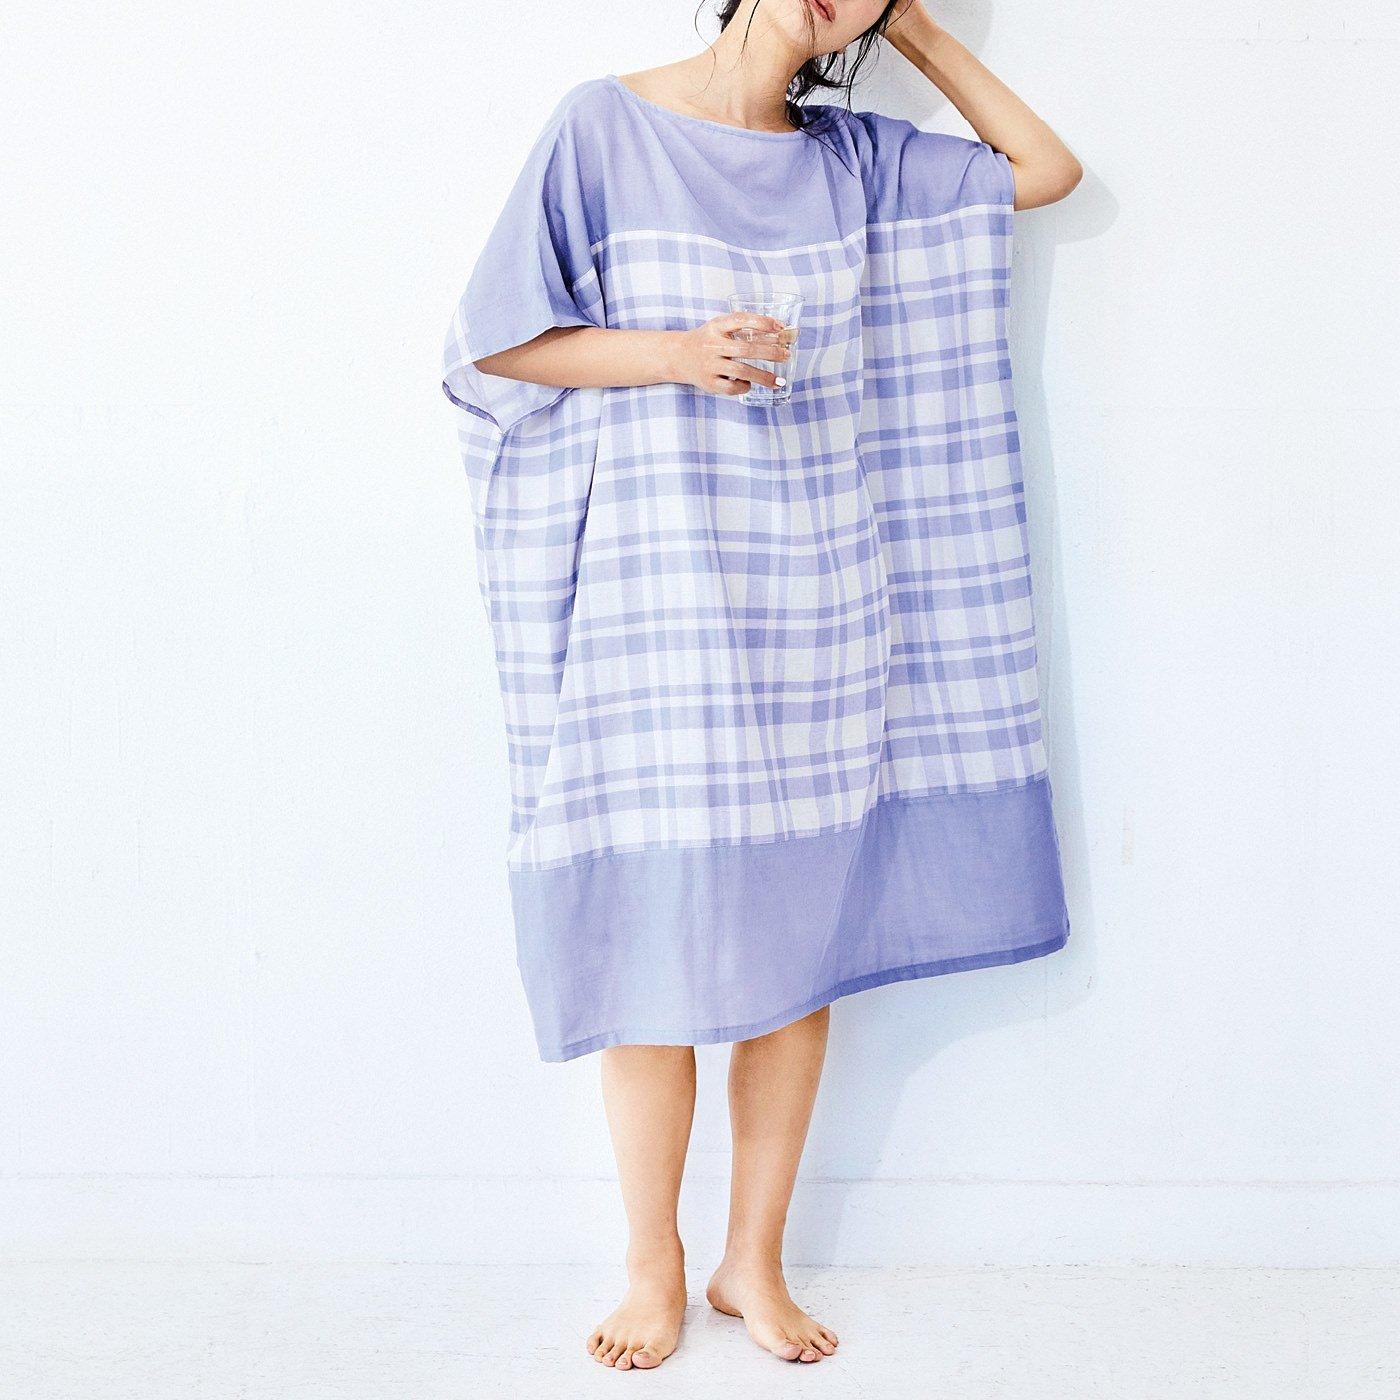 お風呂上がりから寝るまでさわやか ダブルガーゼが心地いい着るバスタオル〈大判/カームチェック〉の会